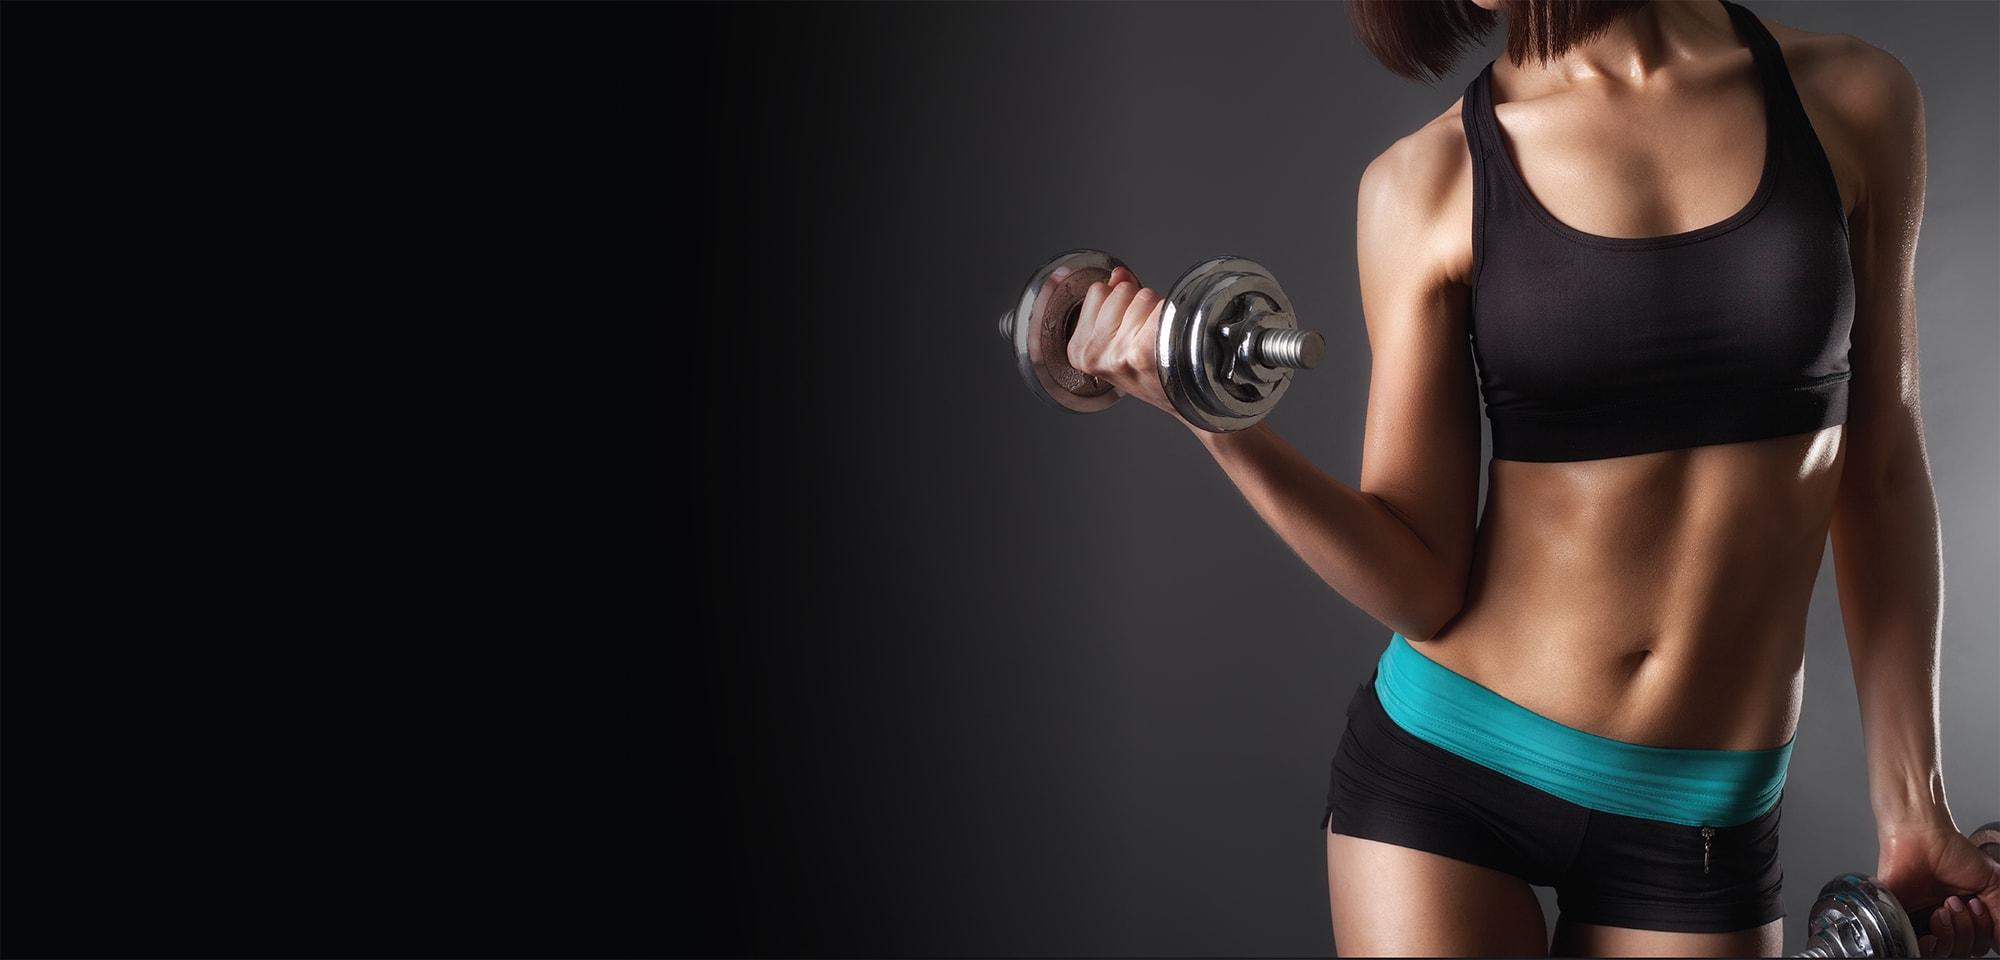 Avena Leisure - Sligo's Leading Gym   Classes from €25